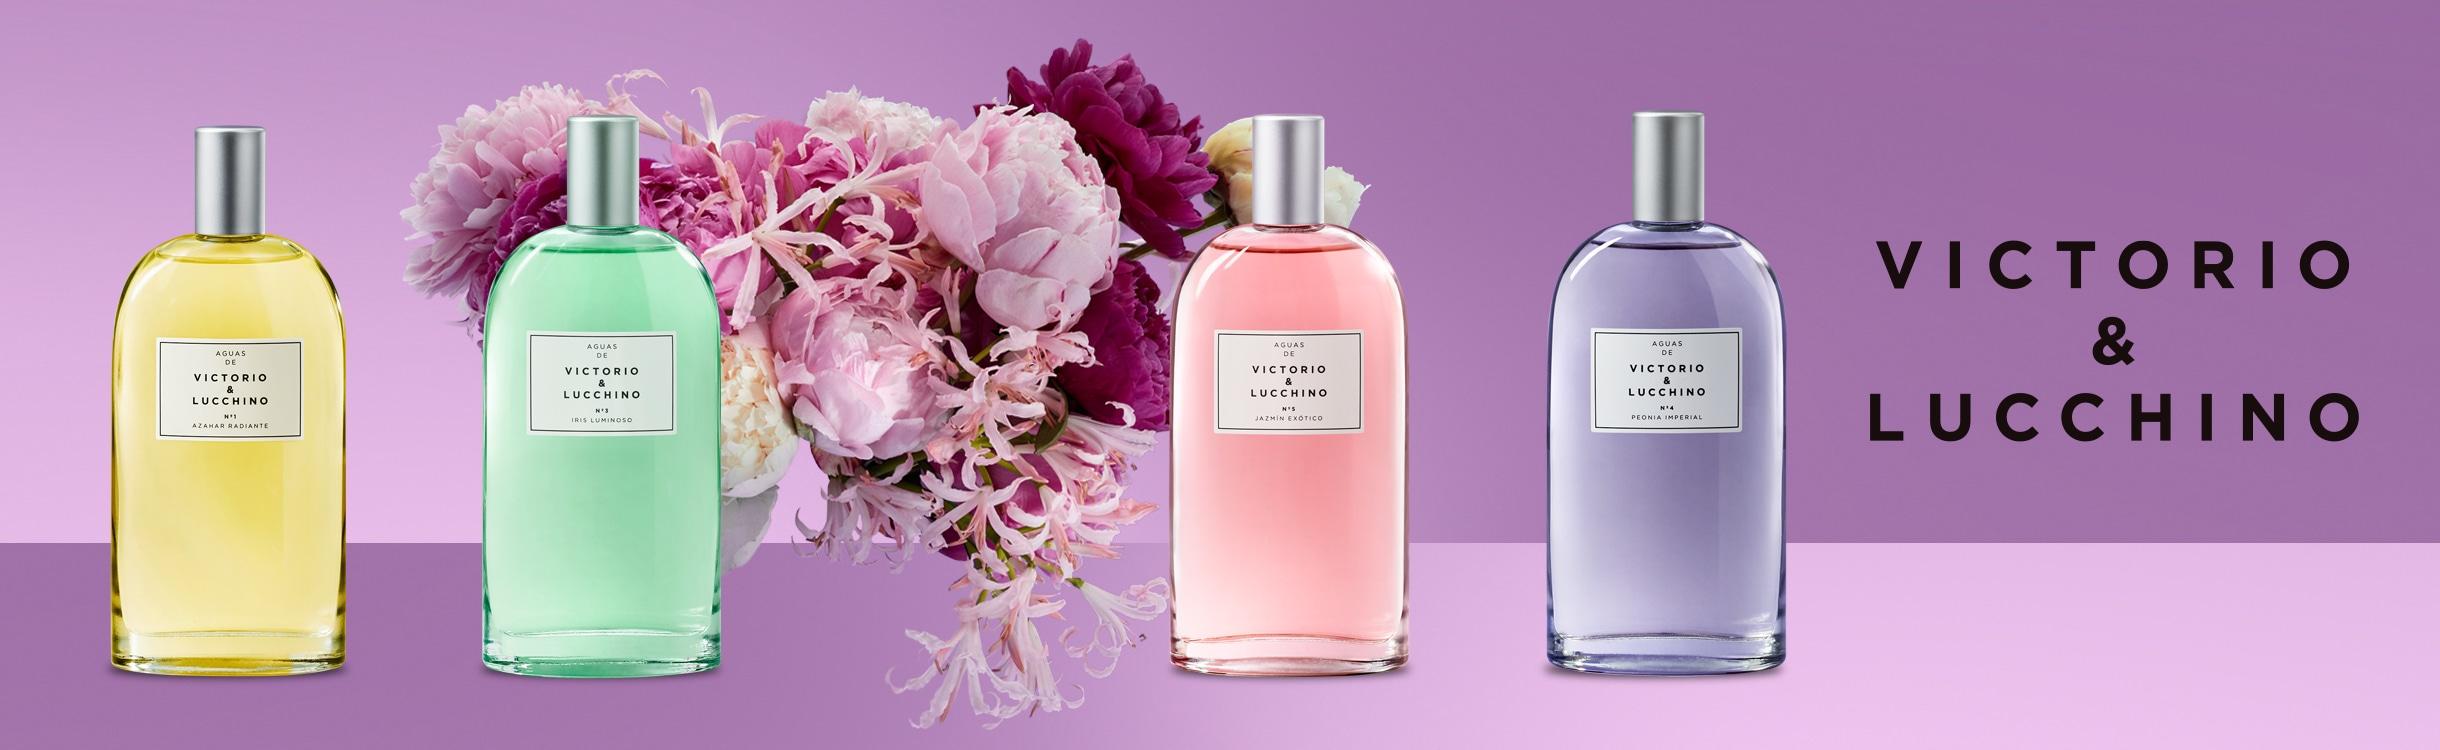 Perfumes e Perfumaria Victorio & Lucchino Masculinos